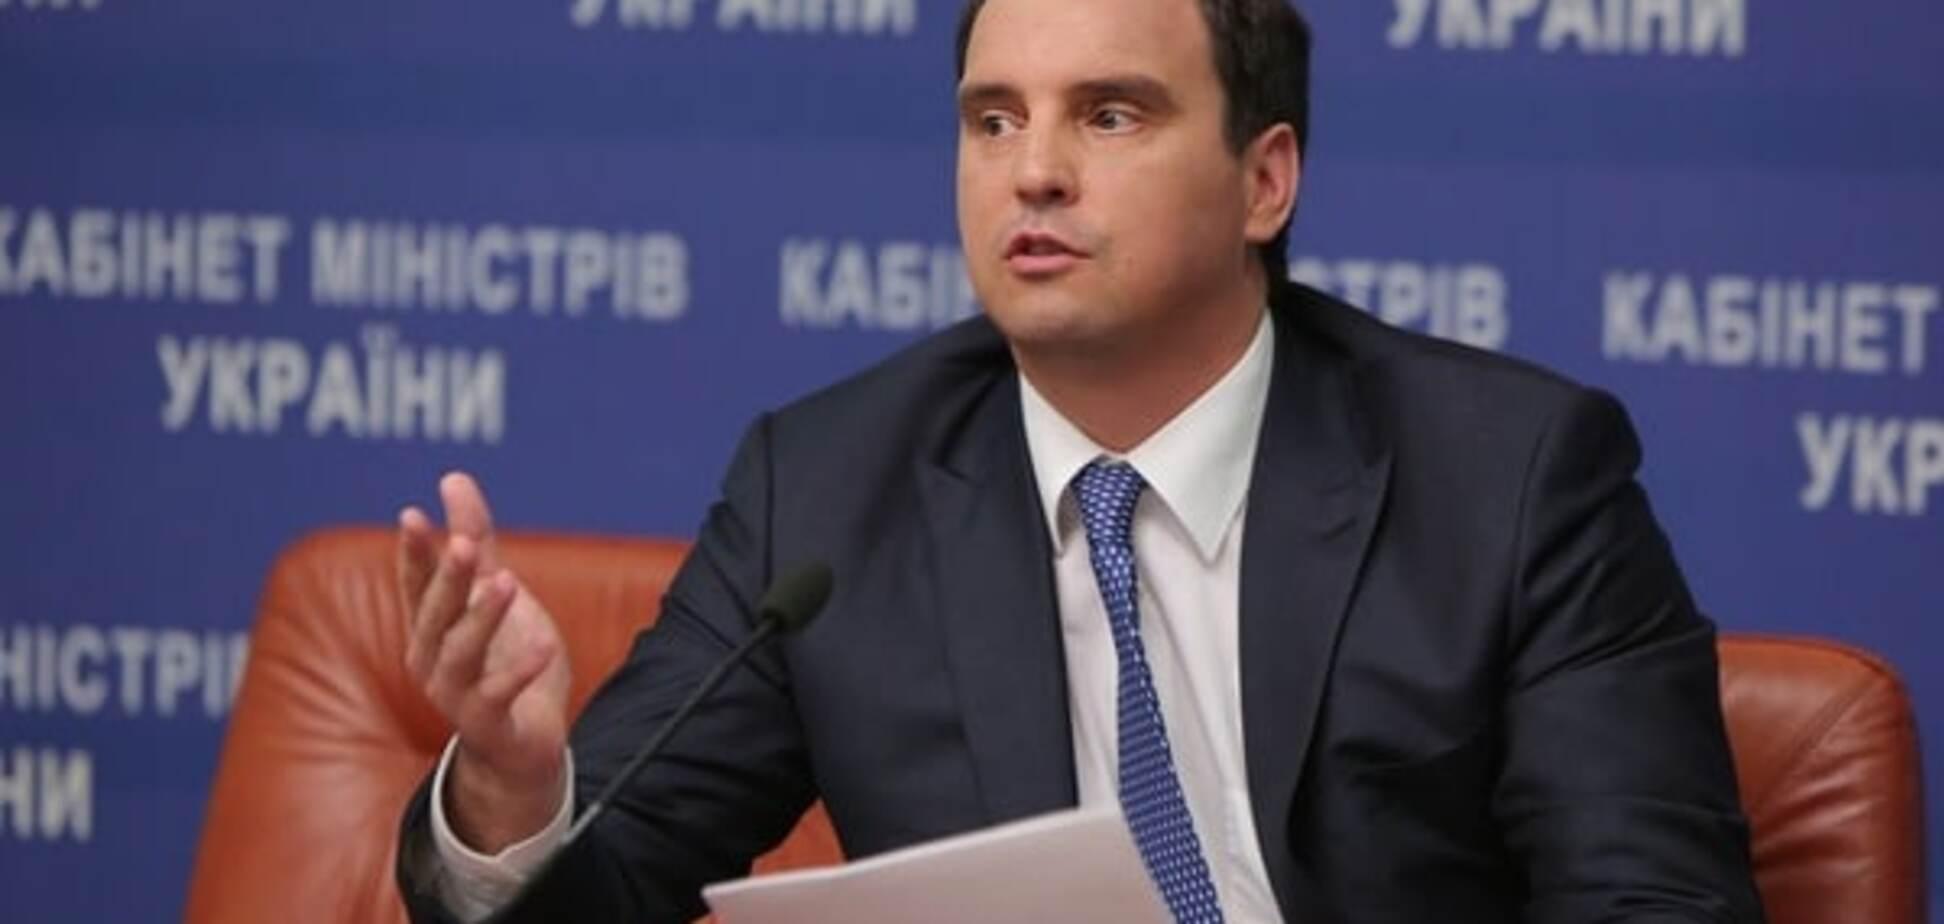 Выбор Абромавичуса: экономический реформатор, политический провокатор, борец с коррупцией или просто трус?